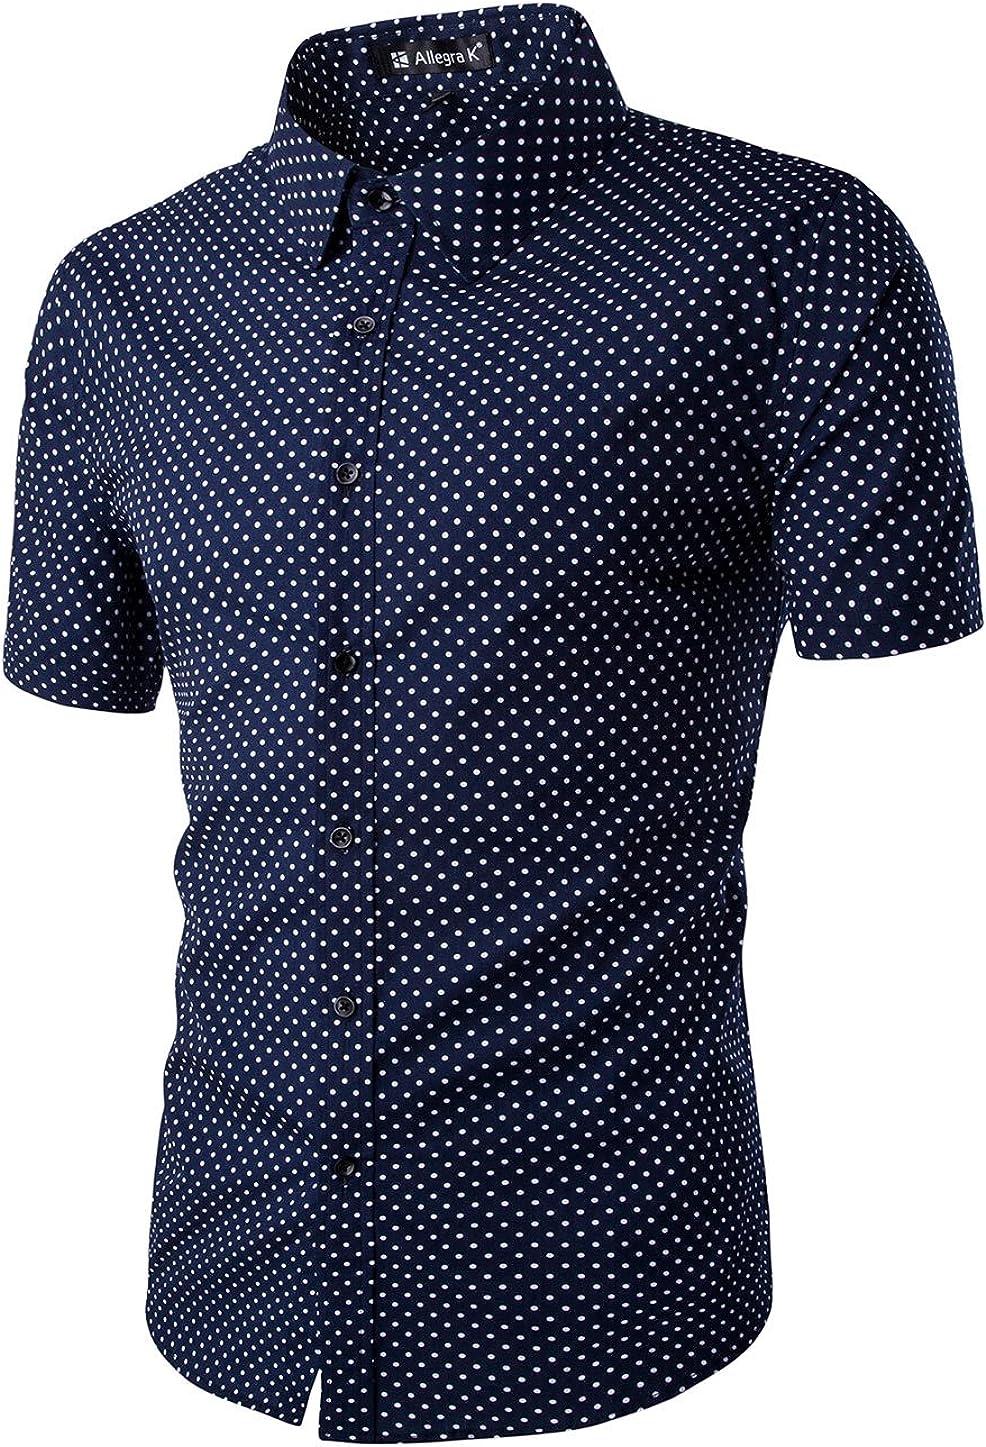 Uxcell - Camisa de manga corta para hombre, diseño de lunares, con botones